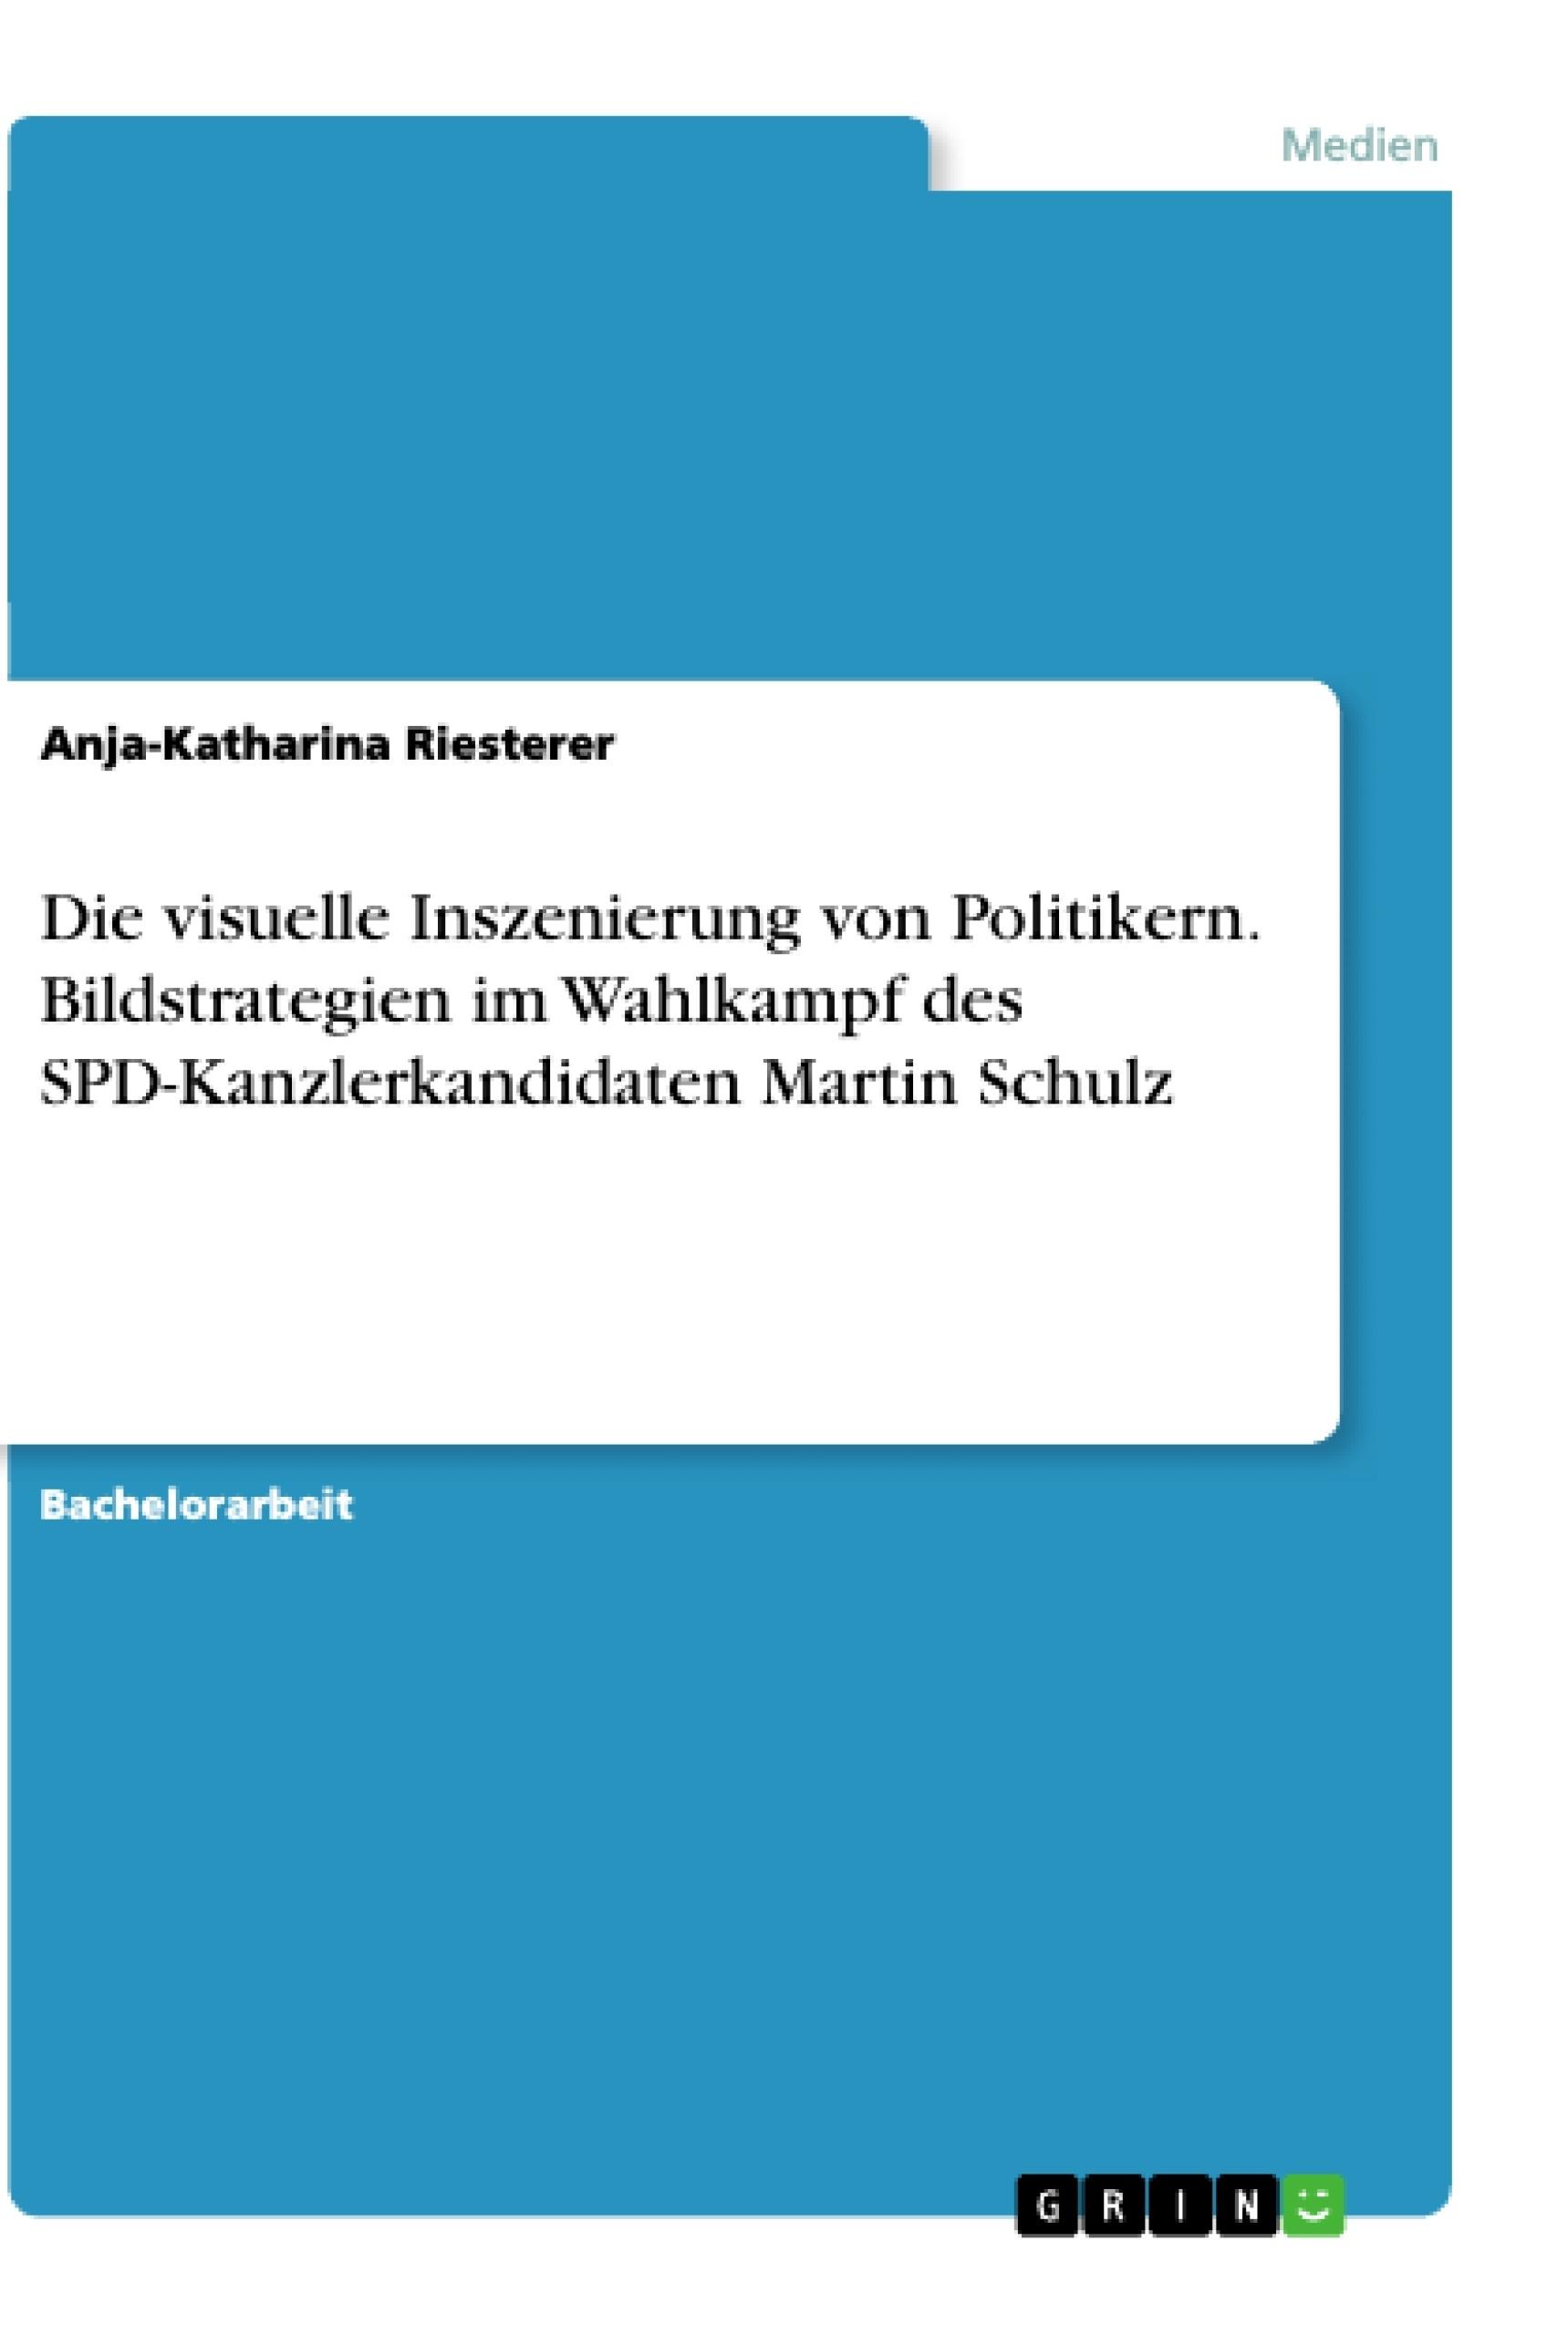 Titel: Die visuelle Inszenierung von Politikern. Bildstrategien im Wahlkampf des SPD-Kanzlerkandidaten Martin Schulz